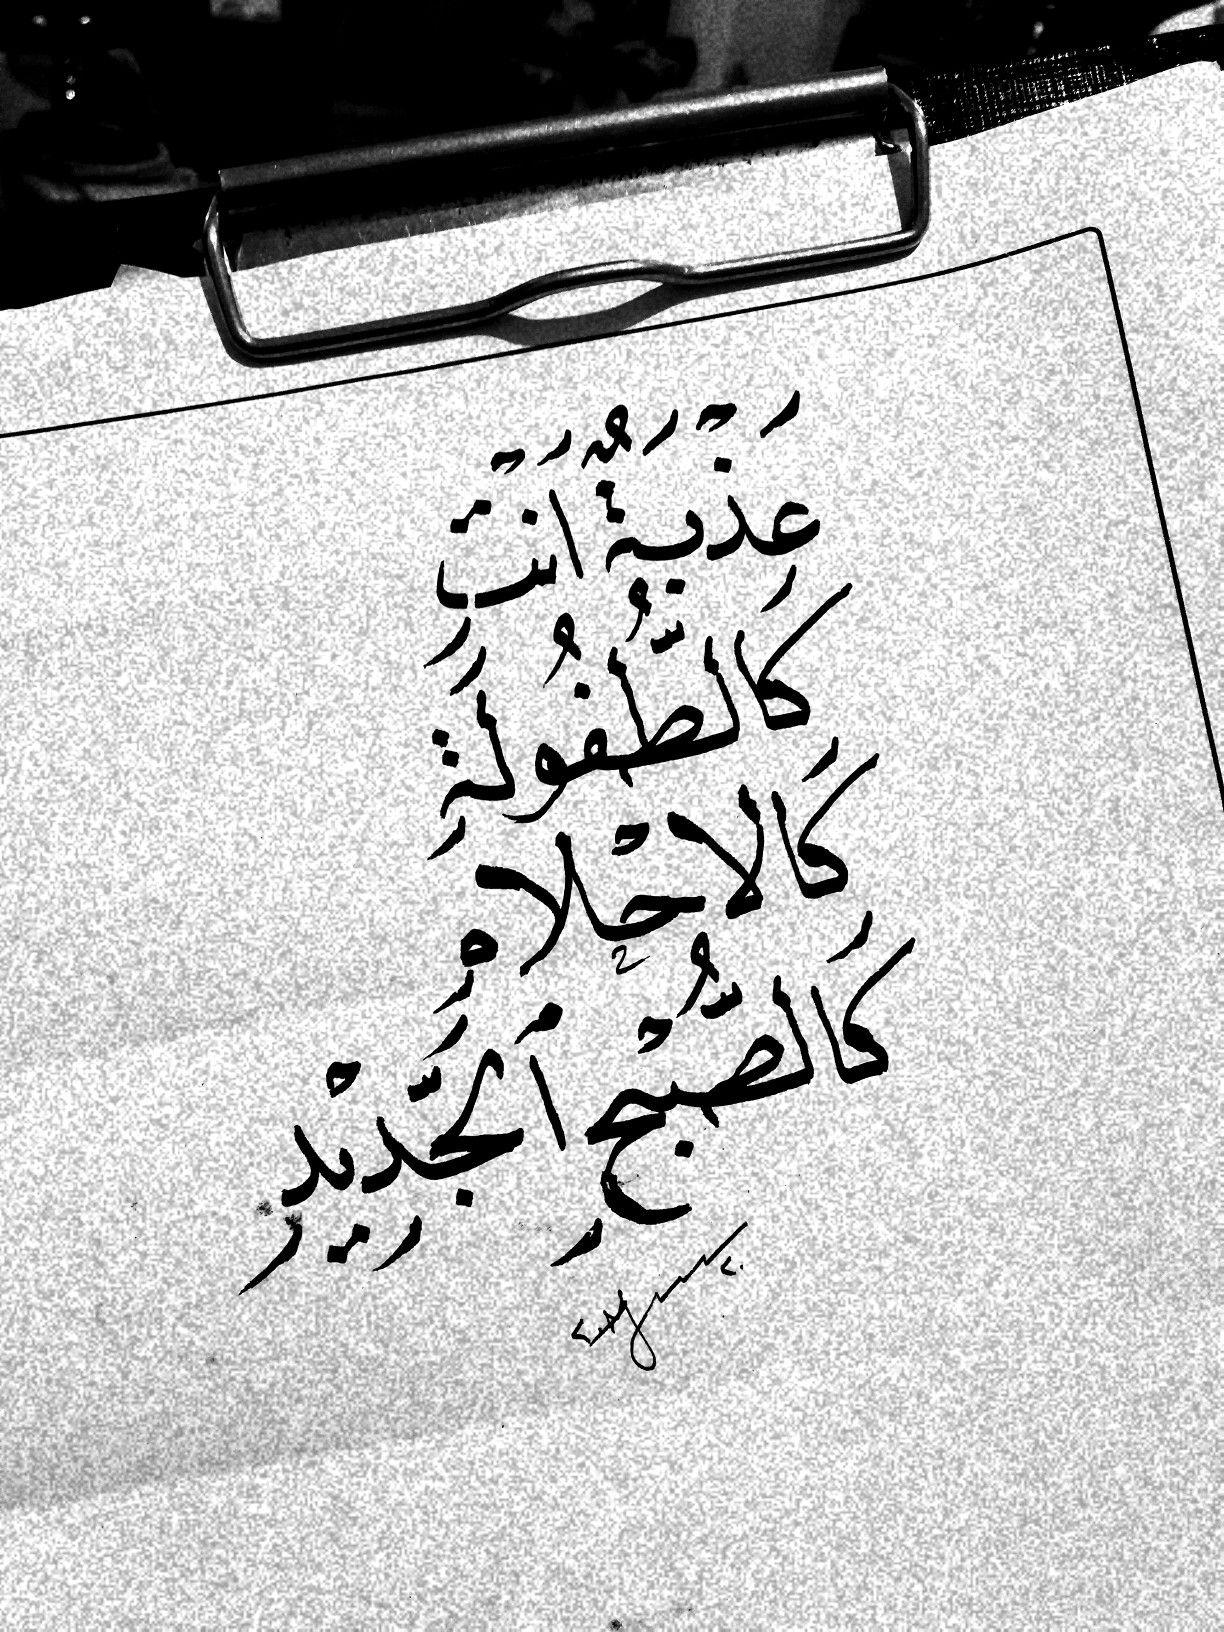 عذبة انتي كالطفولة كالاحلام كالصبح الجميل Arabic Calligraphy Handwriting Calligraphy